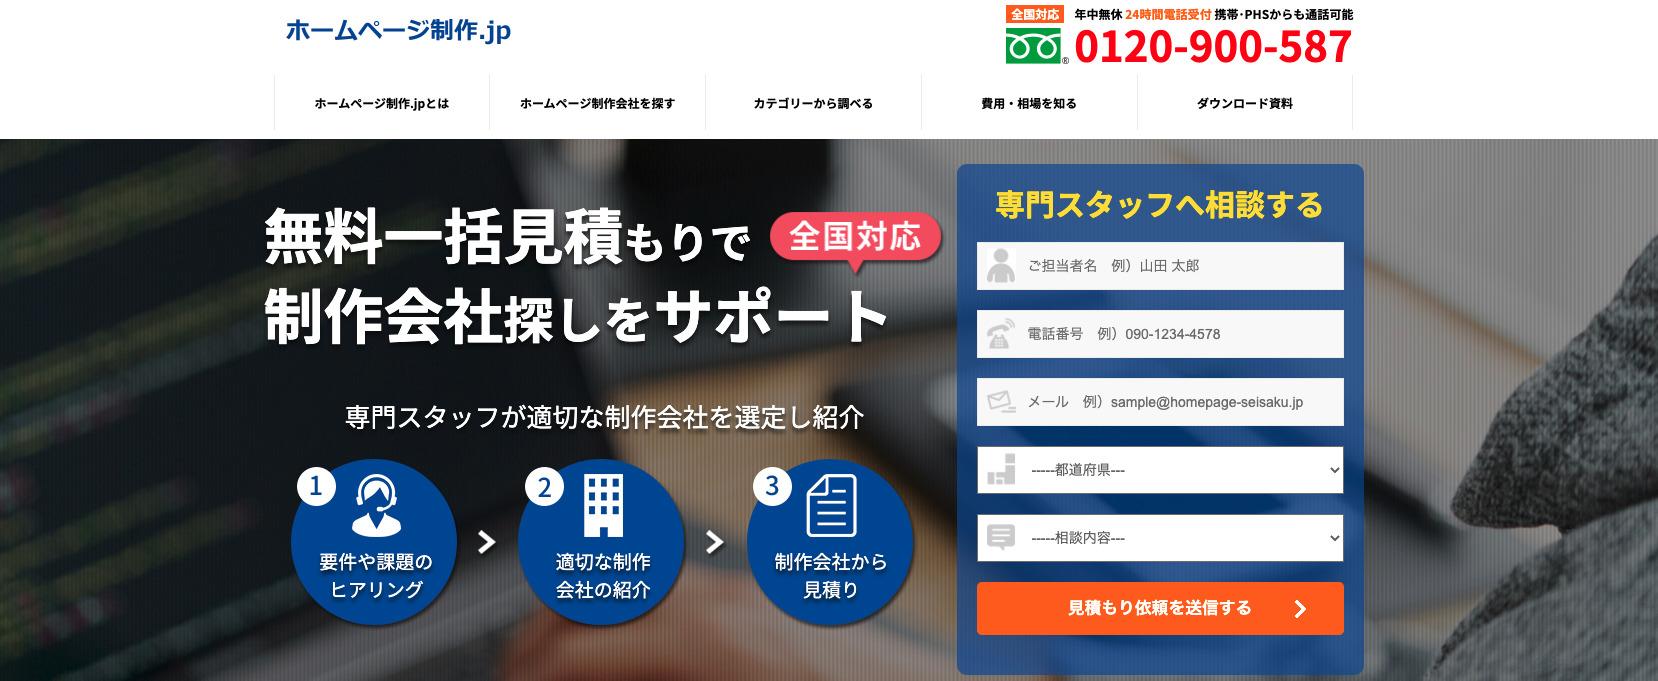 ホームページ制作.jp とは